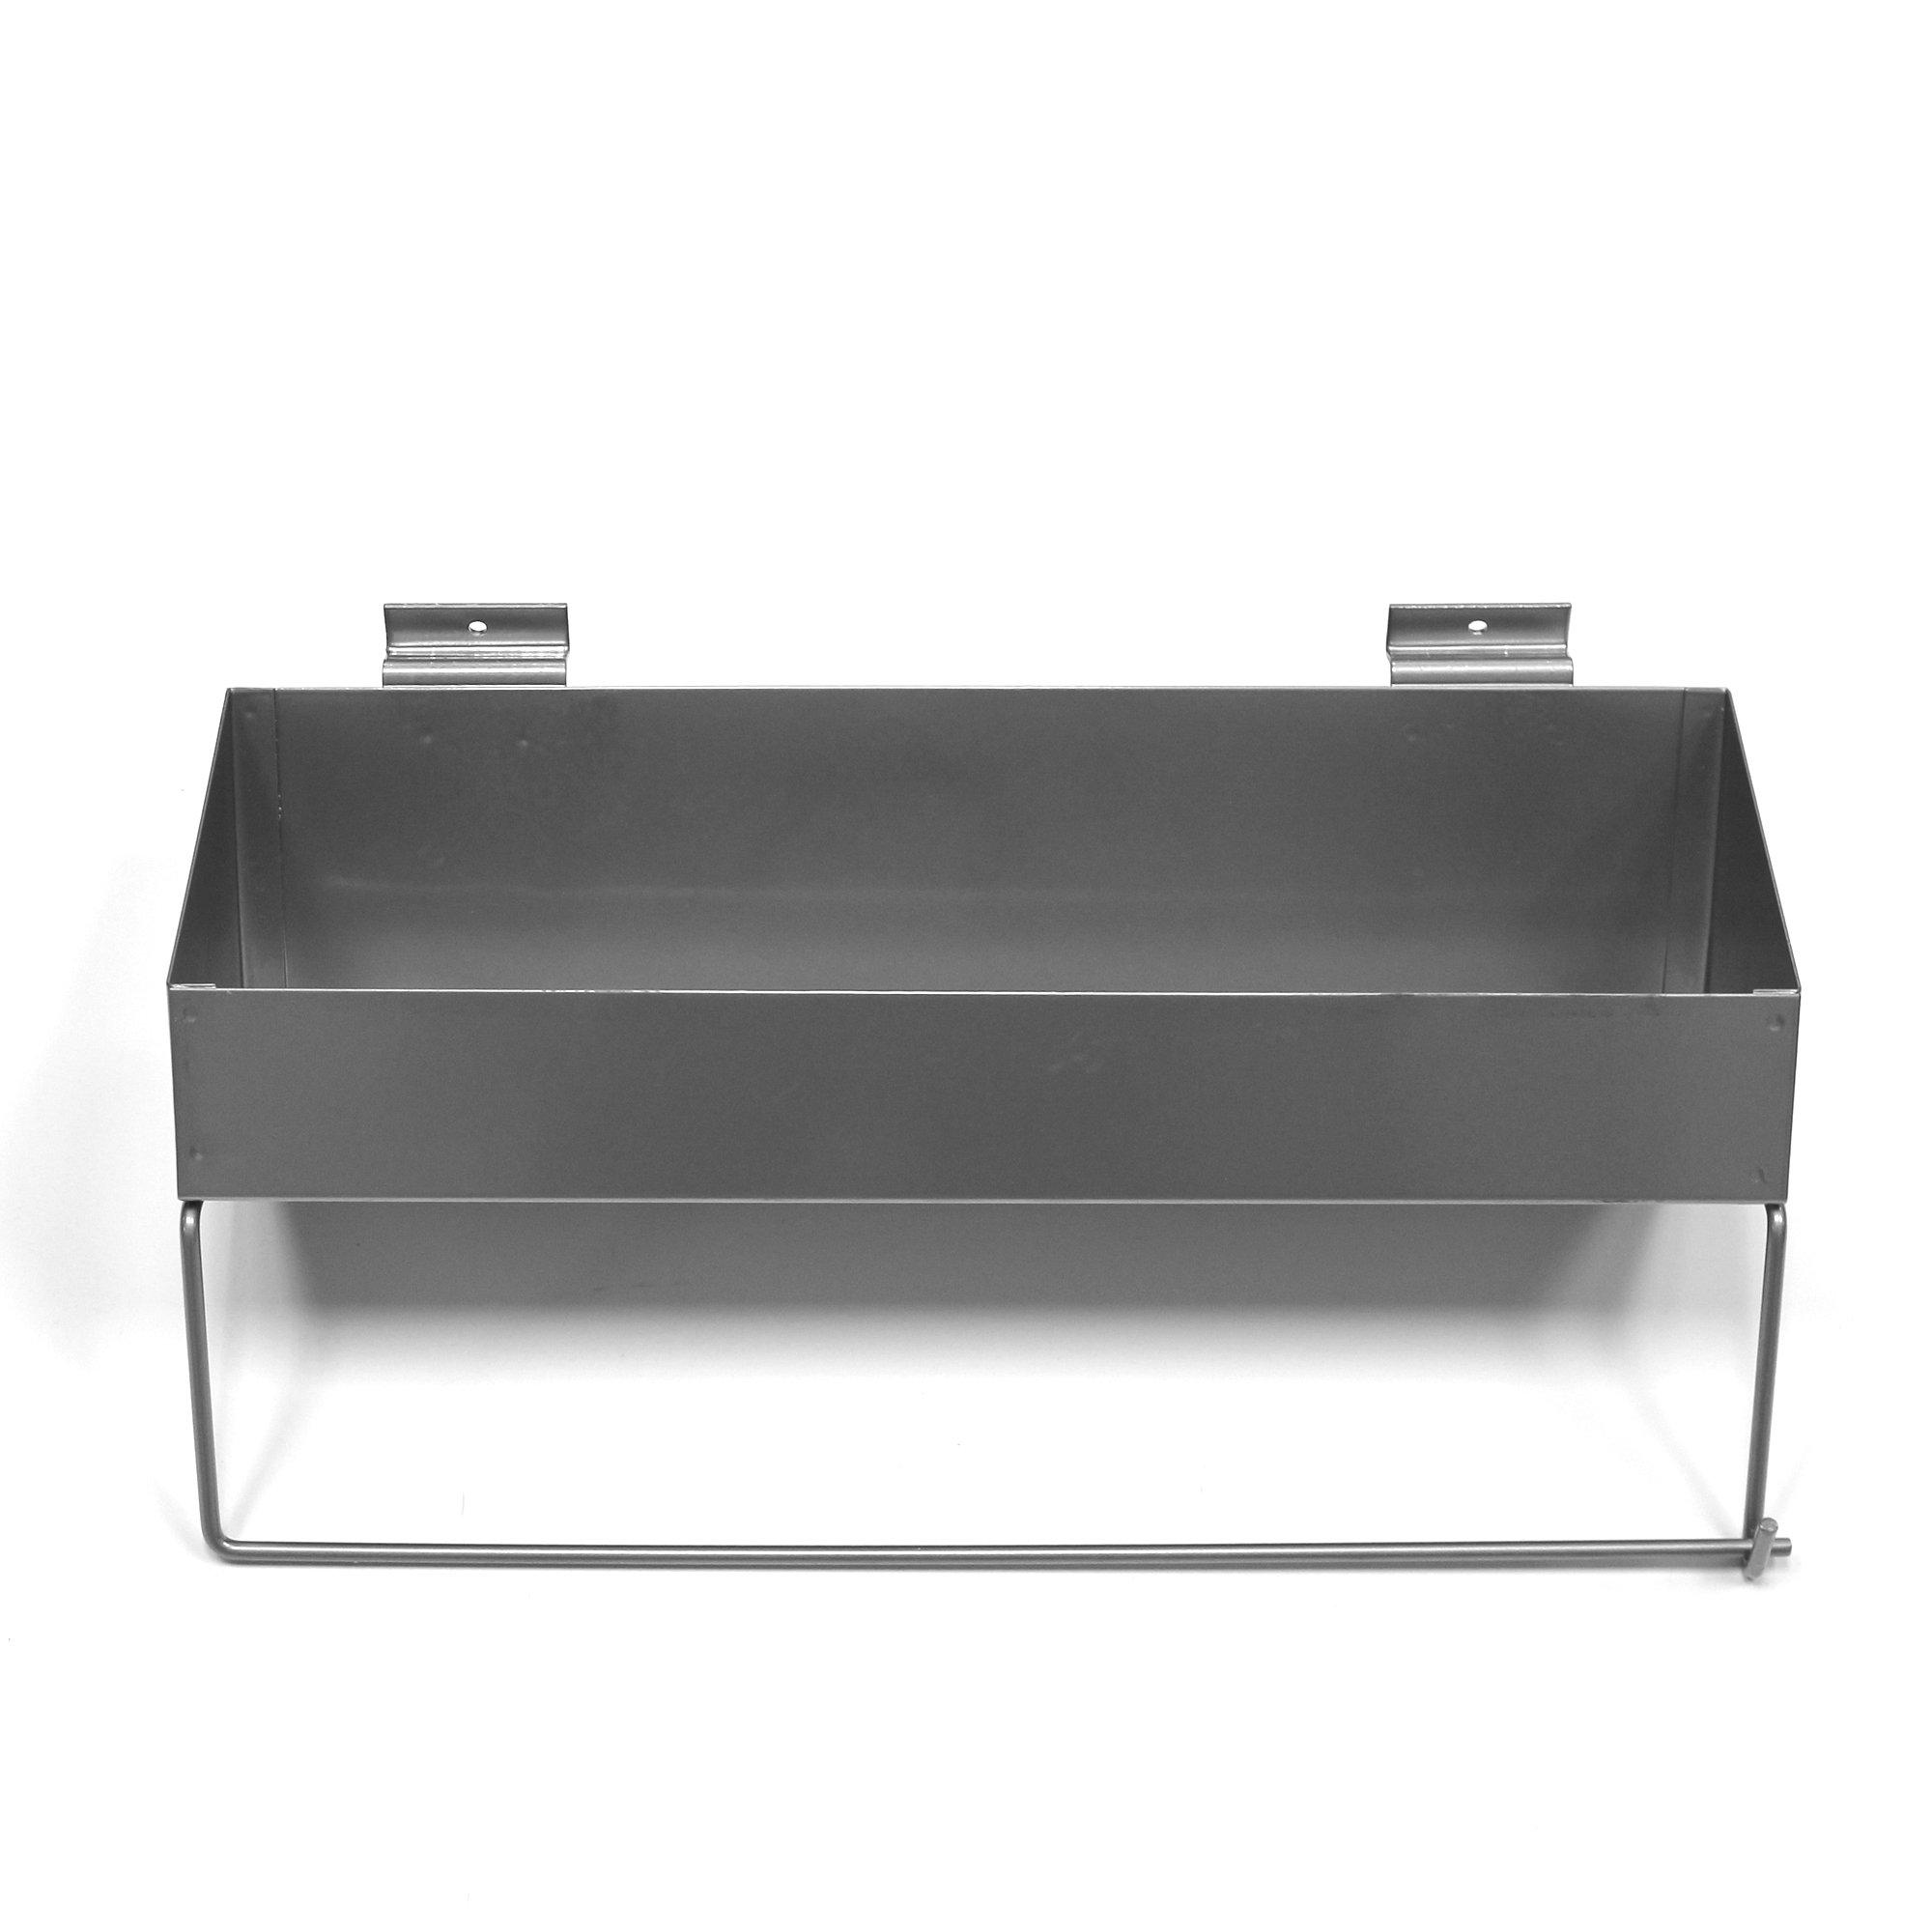 Proslat 10029 Paper Towel Holder Shelf Designed for Proslat PVC Slatwall